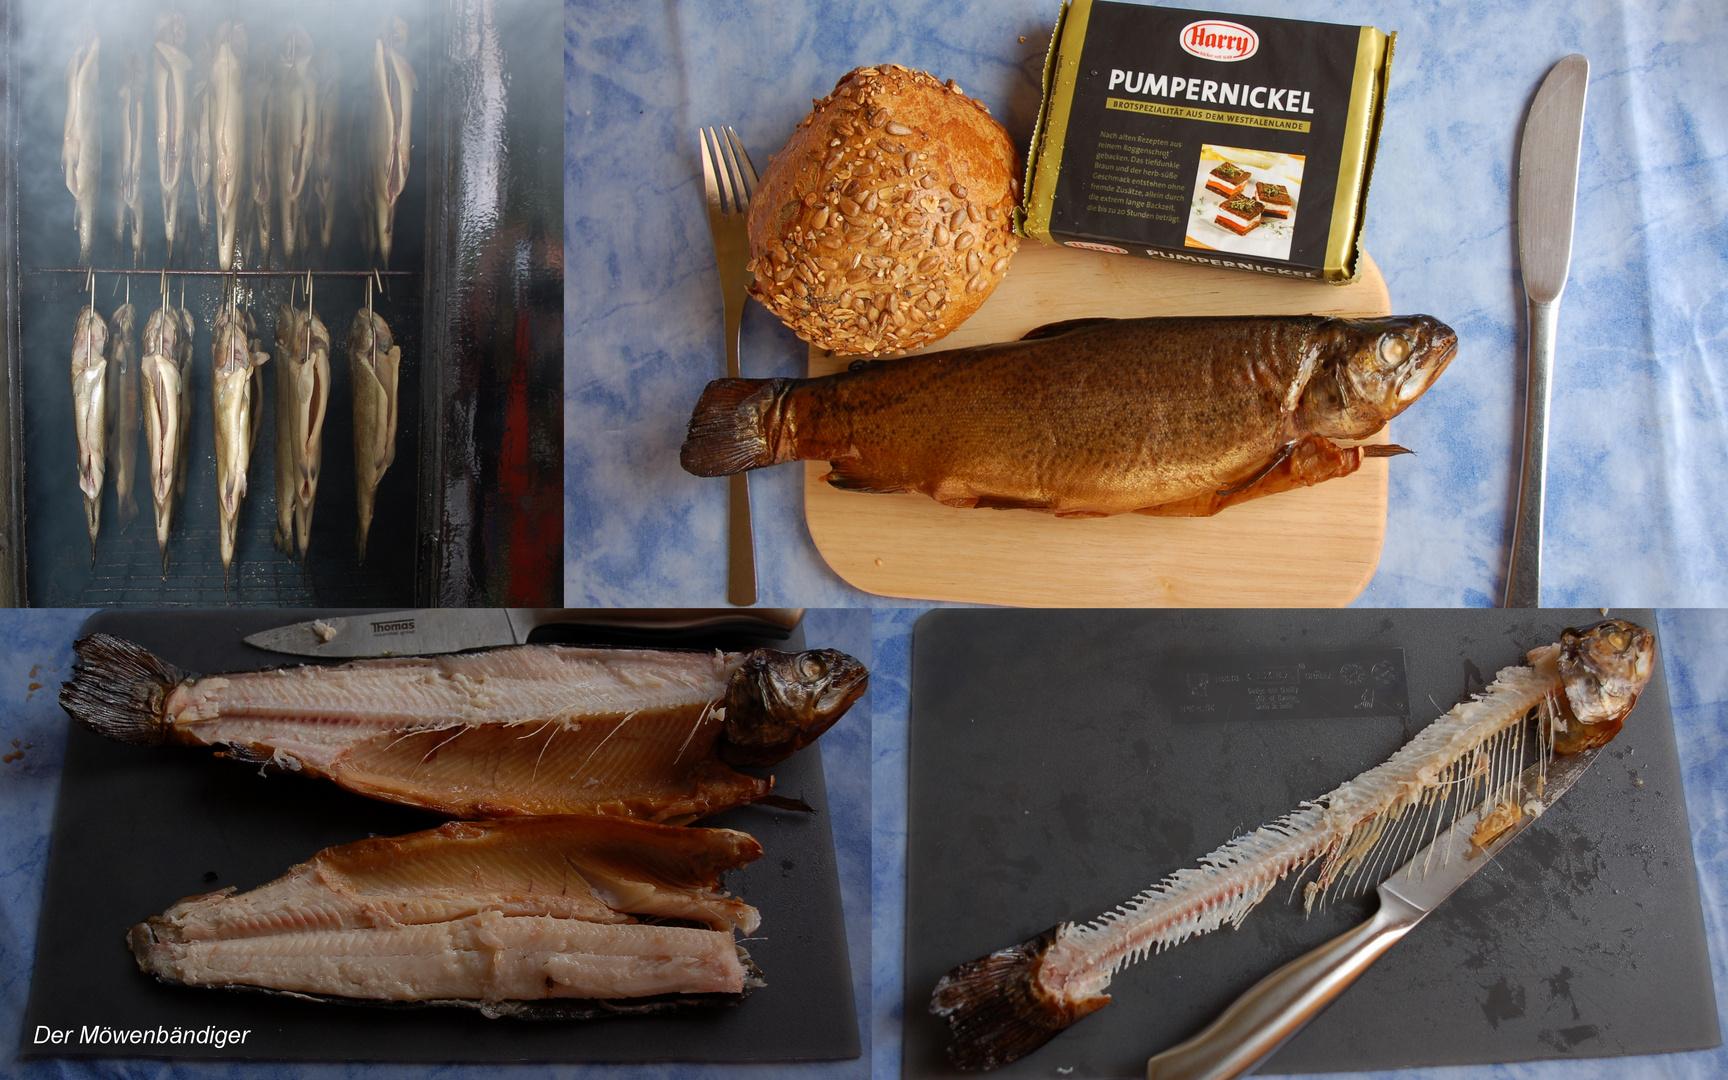 In Dänemark geboren,gross gezogen In Portugal,geräuchert in der Probstei,gegessen von mir